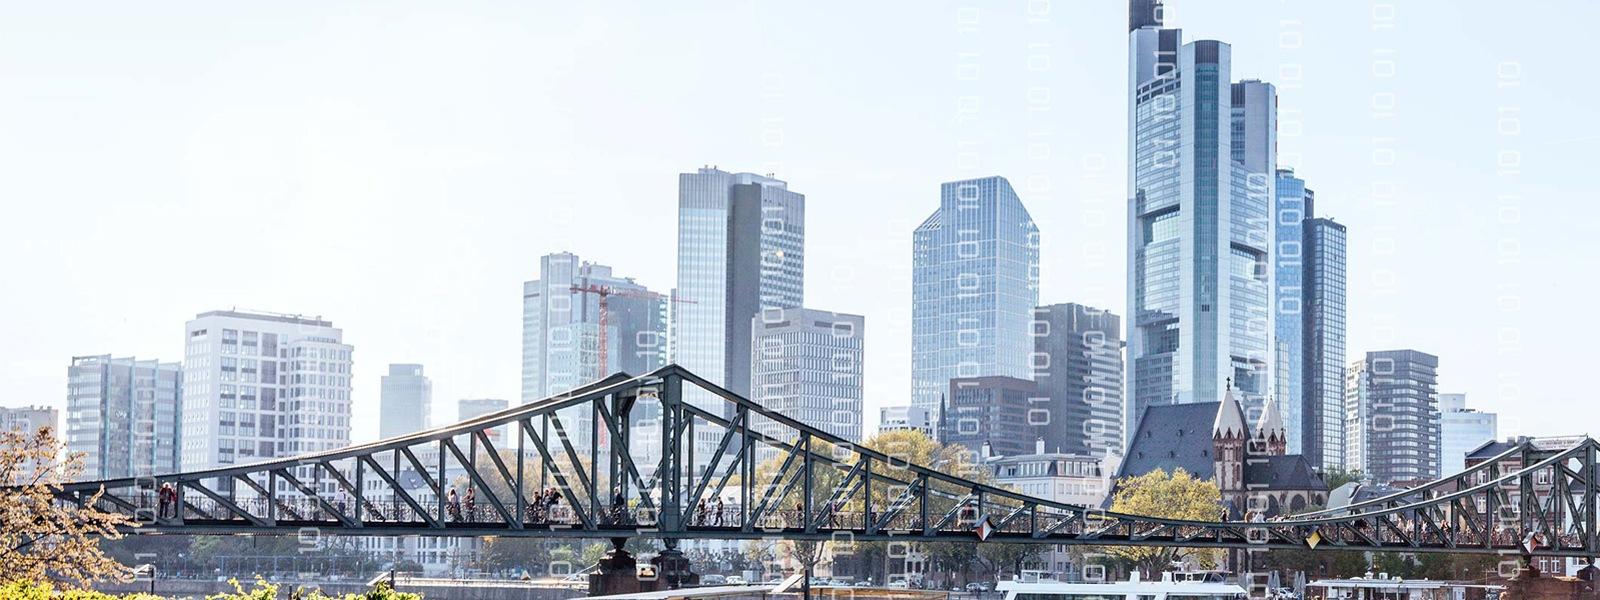 Die Skyline von Frankfurt ist zu sehen.